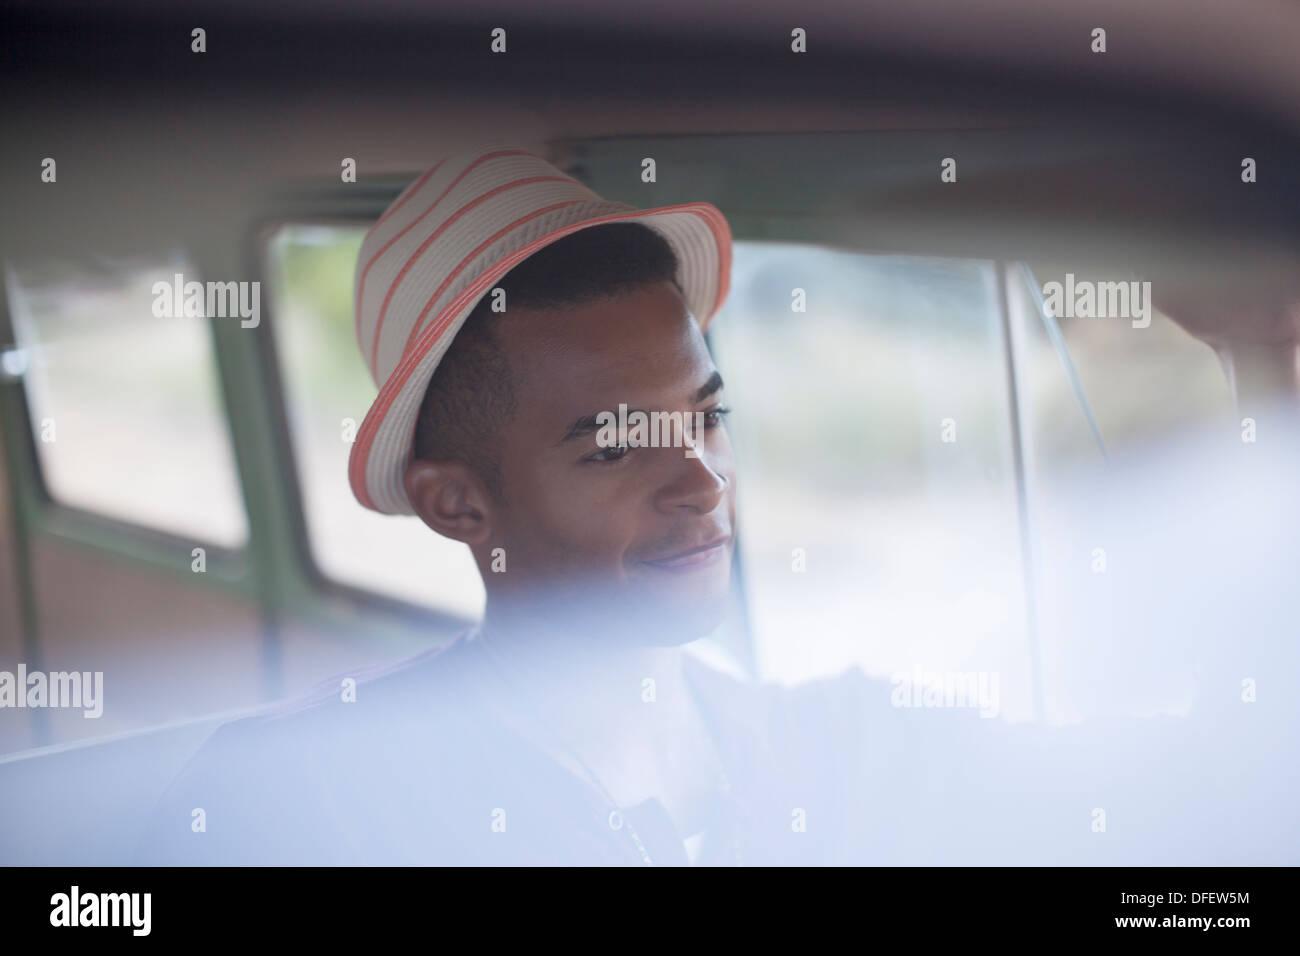 Hombre sonriente van de conducción Imagen De Stock